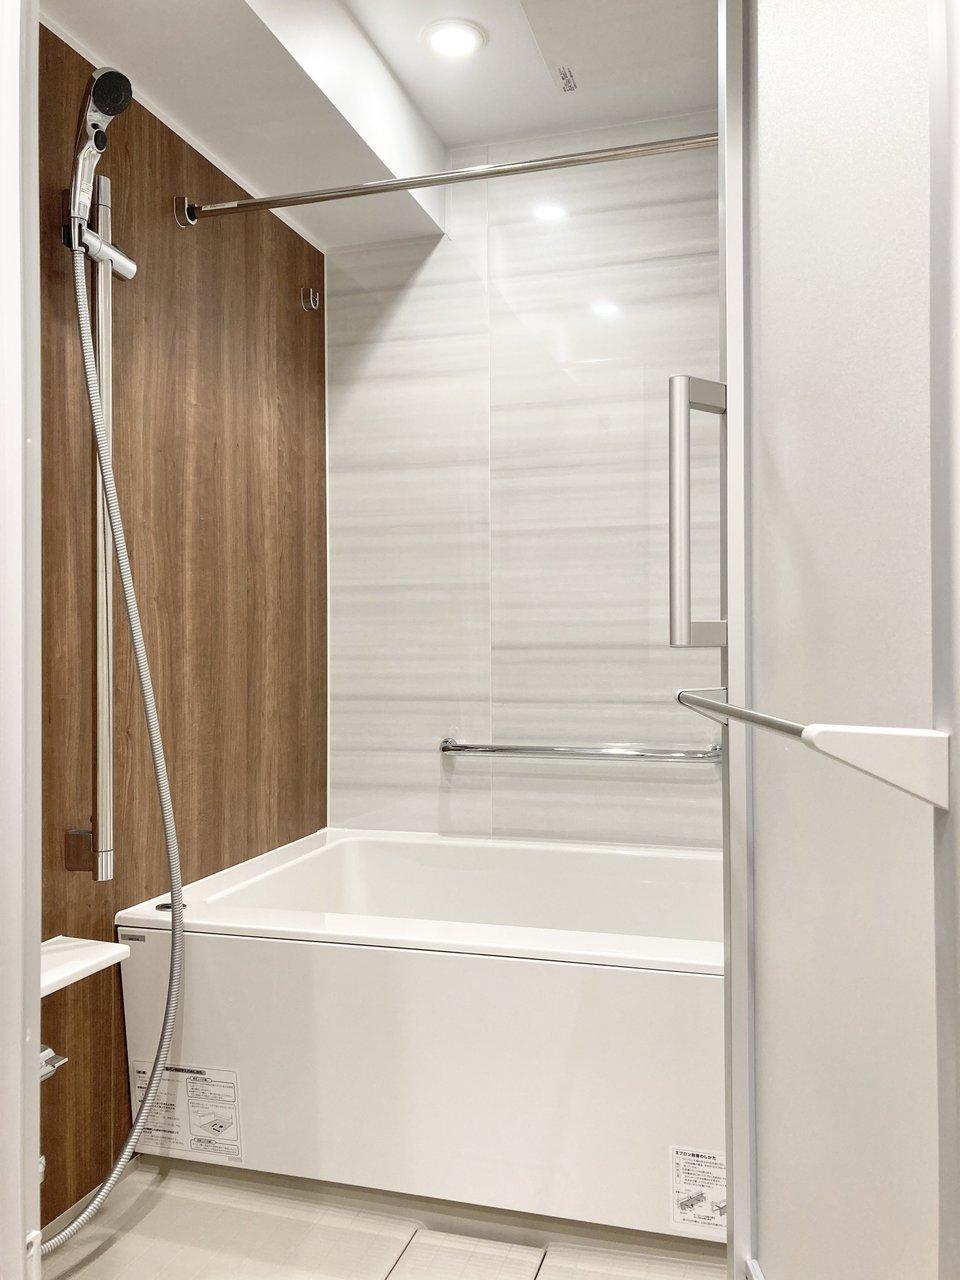 バスルームも横幅がありゆったりとした浴槽がありますよ。